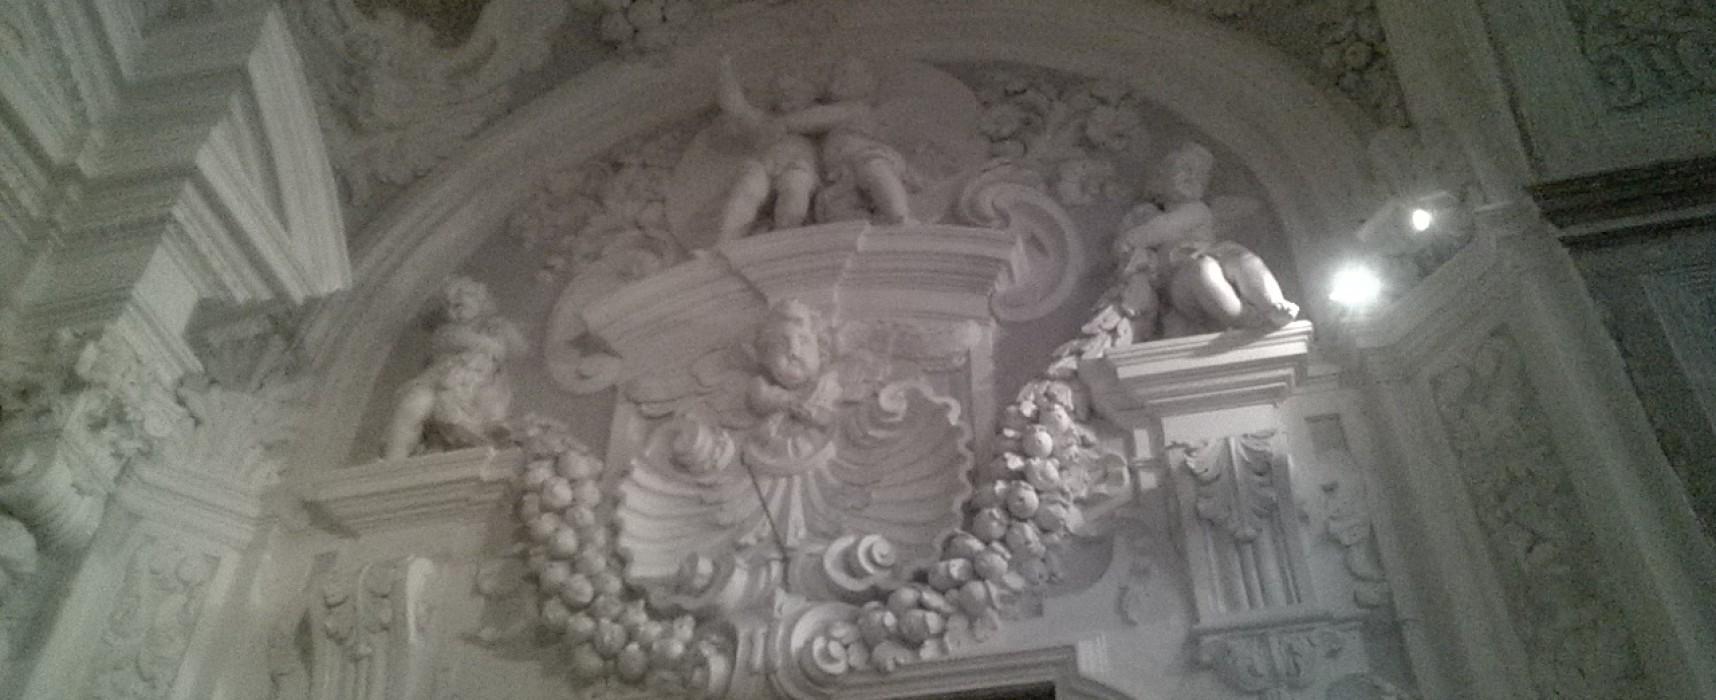 Gesù delle Monache, gli stucchi ritrovati tra arazzi, dipinti e martiri